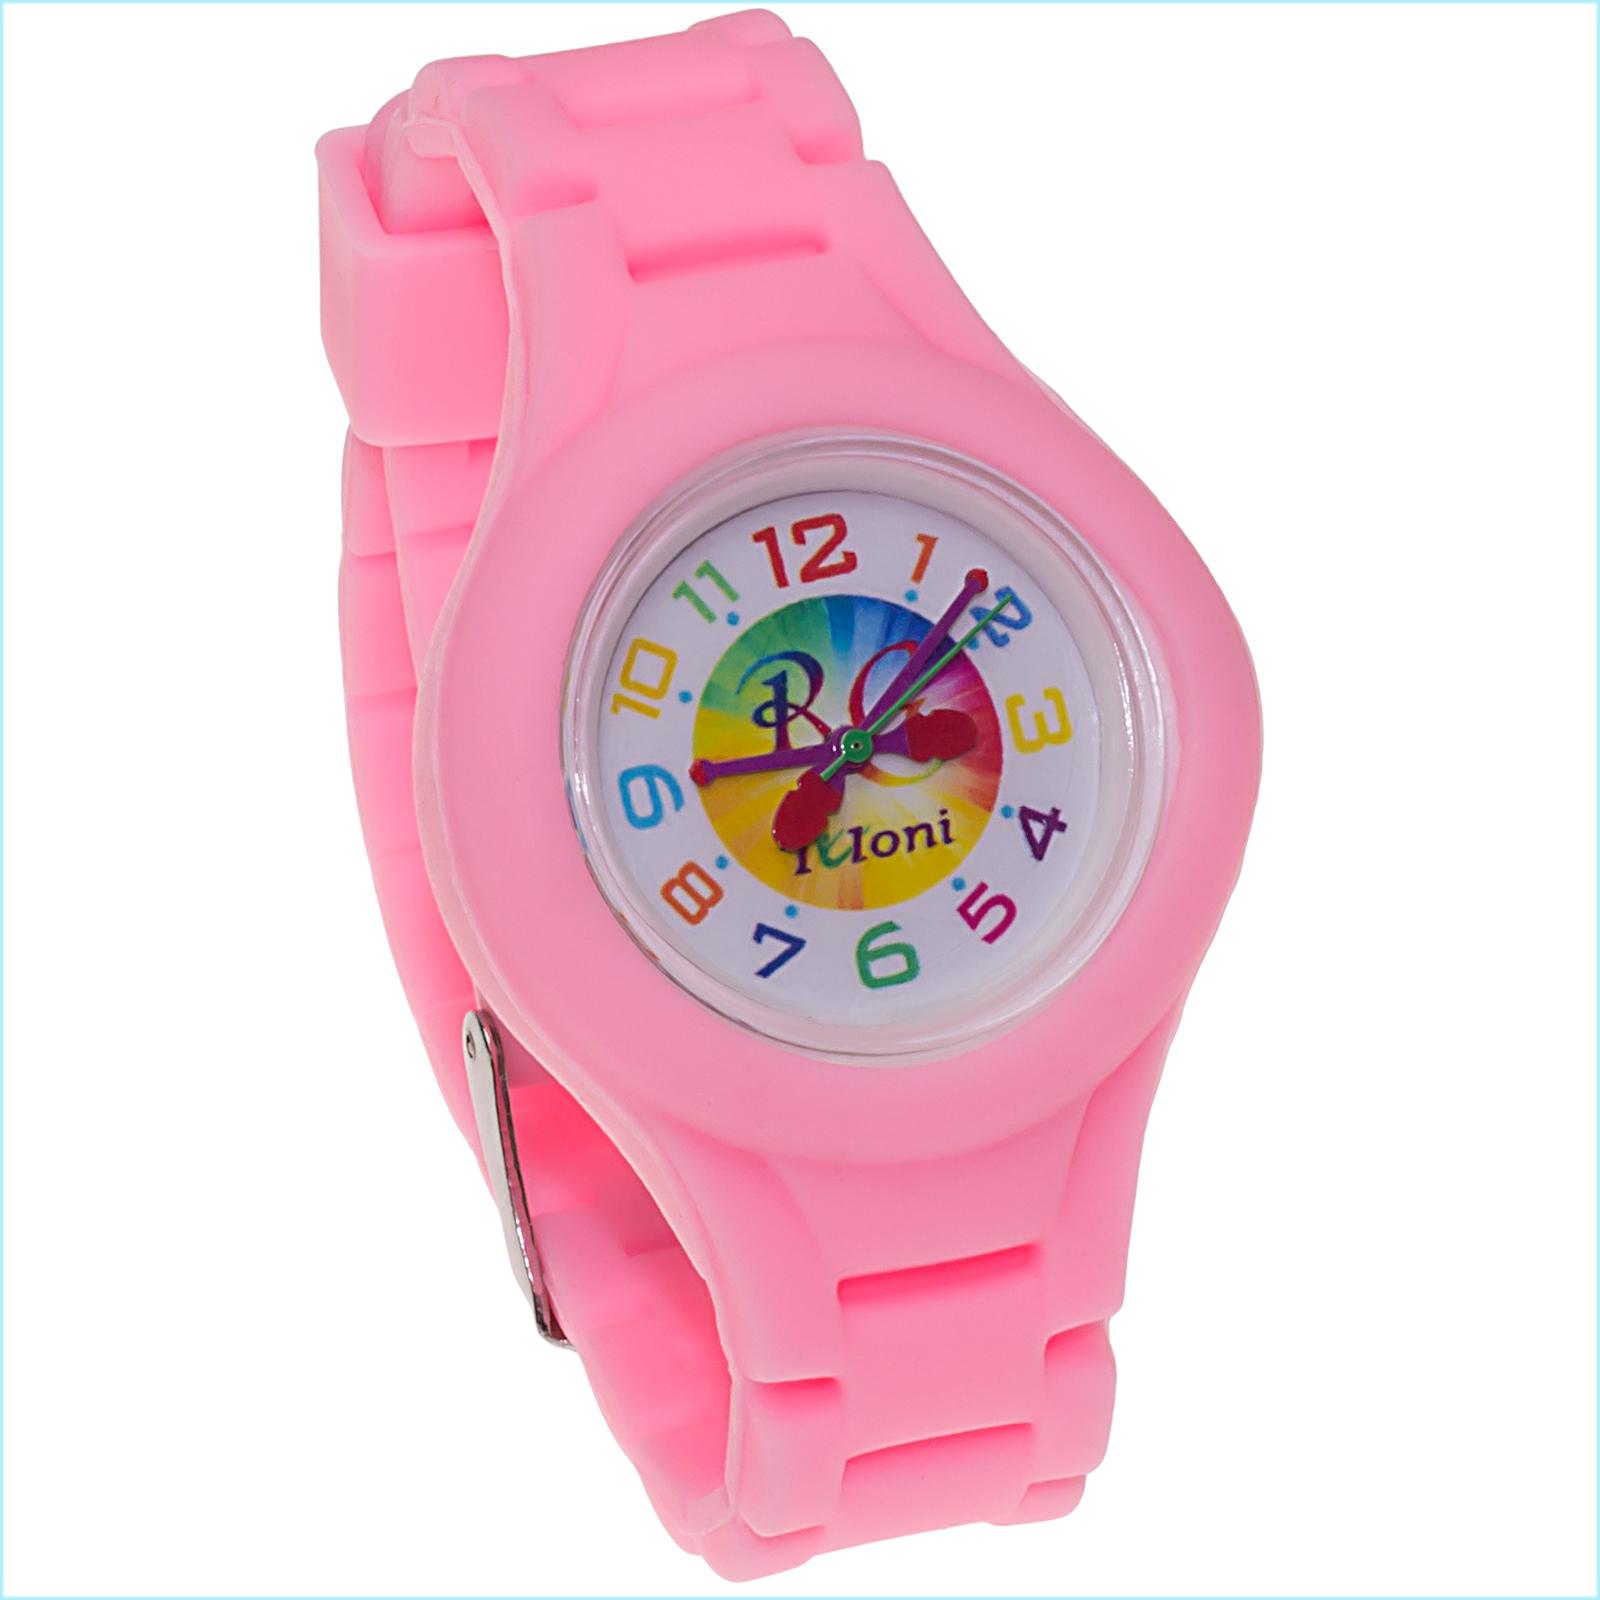 Часы Tuloni модель#3 ремешок#2 цвет Светло-Розовый Артикул T0203-2LP